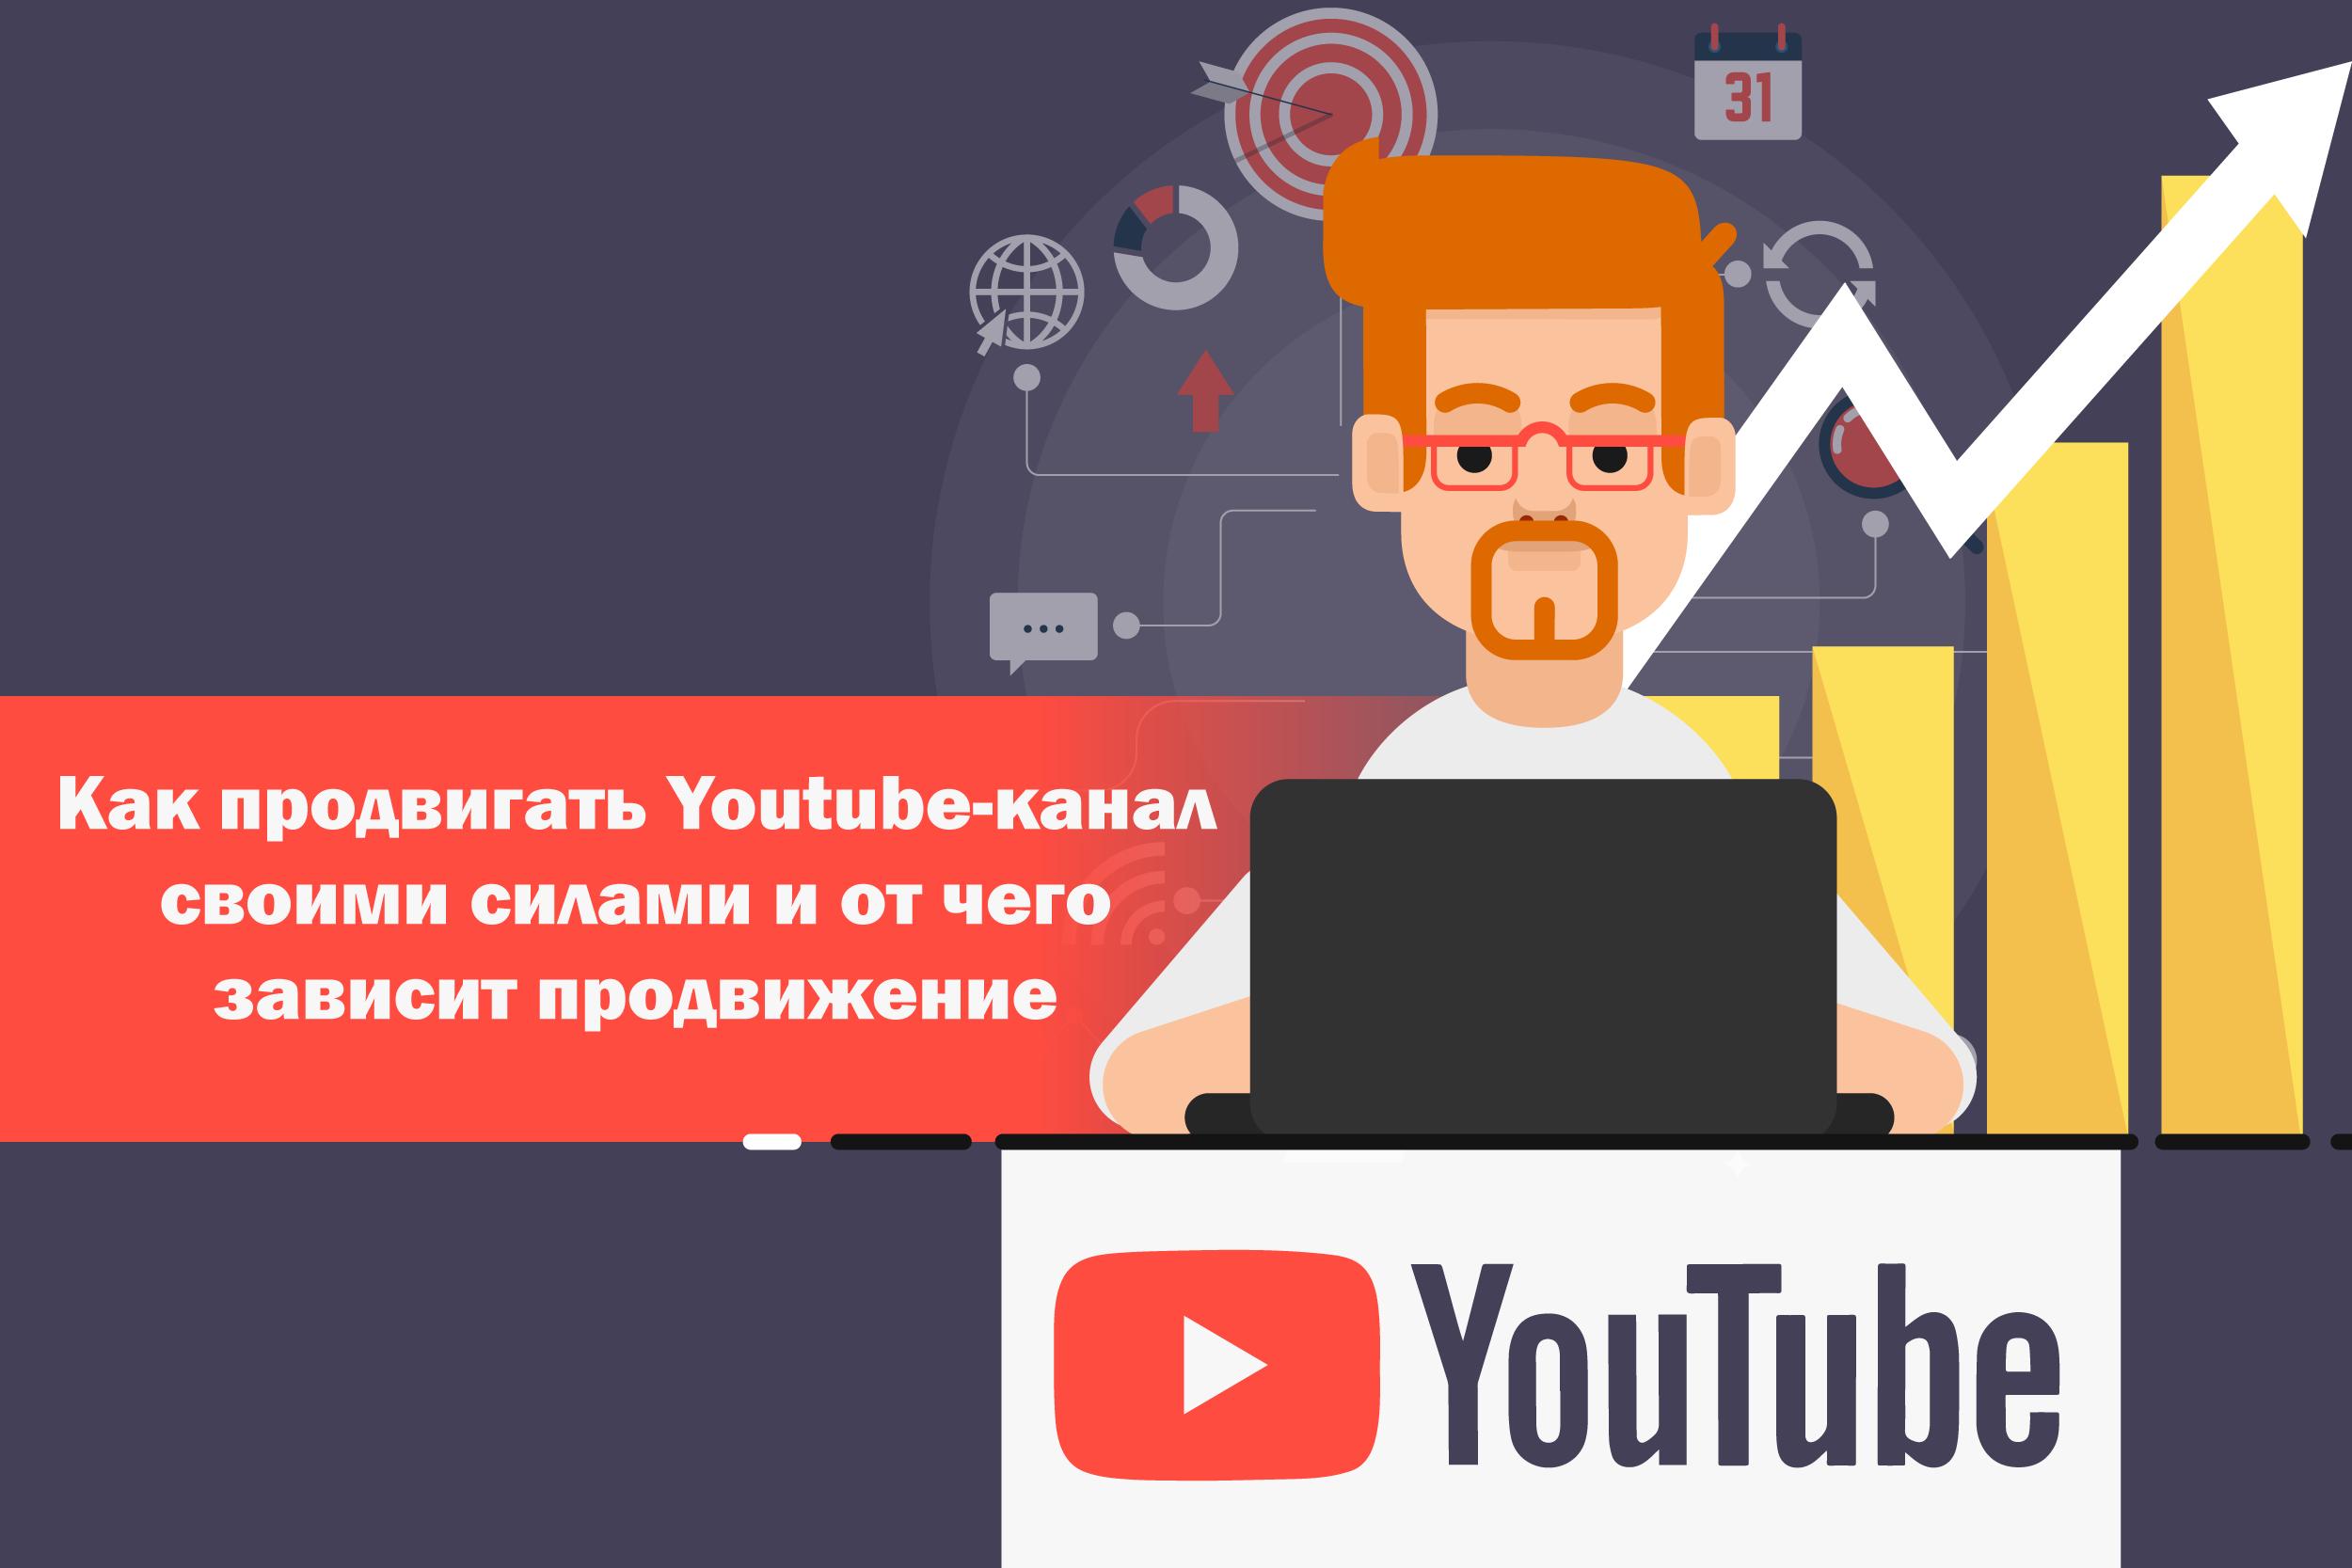 Как продвигать Youtube-канал своими силами и от чего зависит продвижение